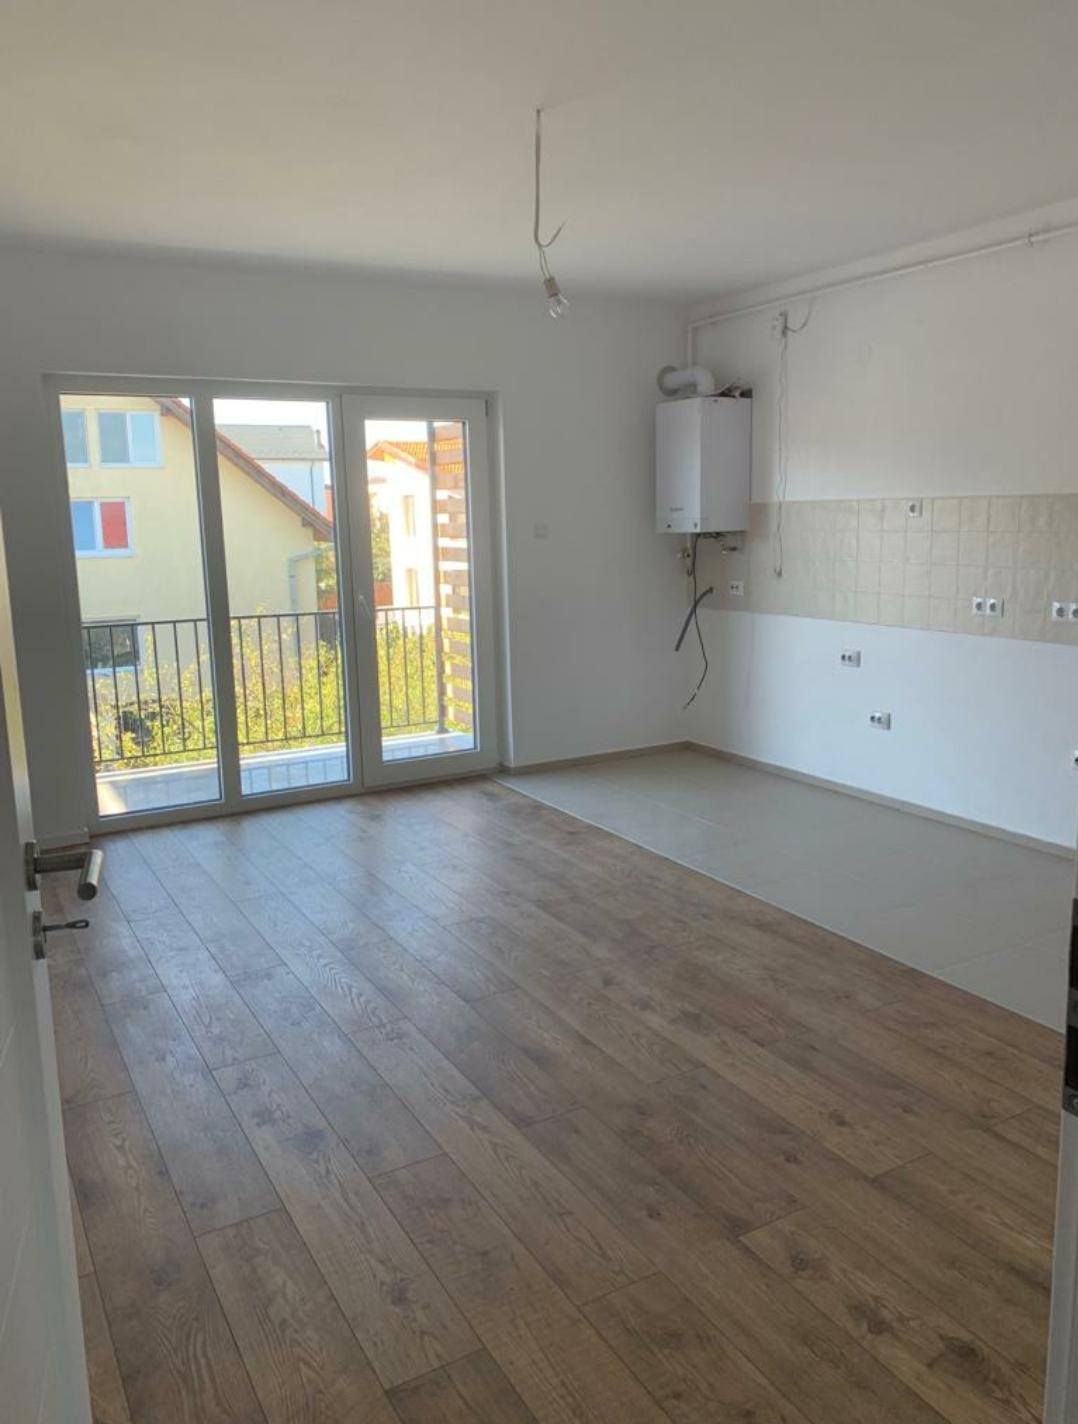 City Shopping Et.1 – Apartament VILA 2 camere decomandate